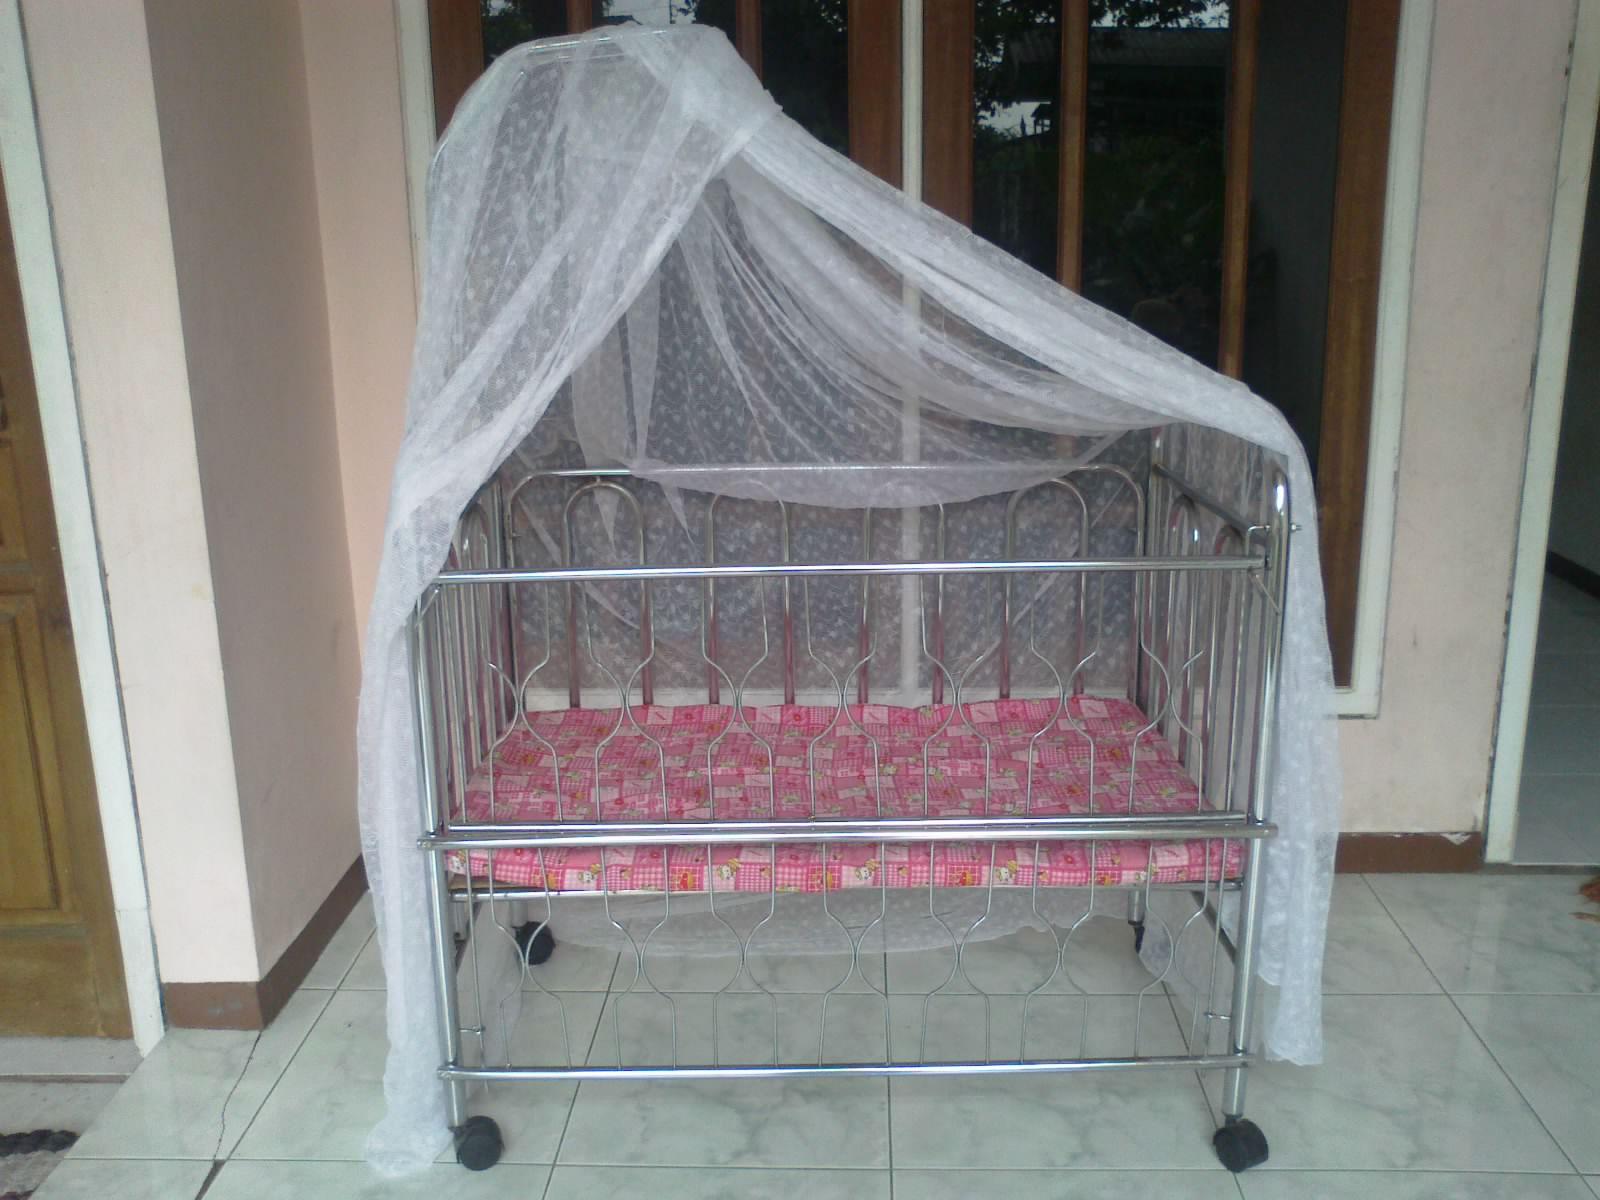 Swing Chair Mudah Ikea Henriksdal Covers Uk Sweetybee Rental Perlengkapan Bayi